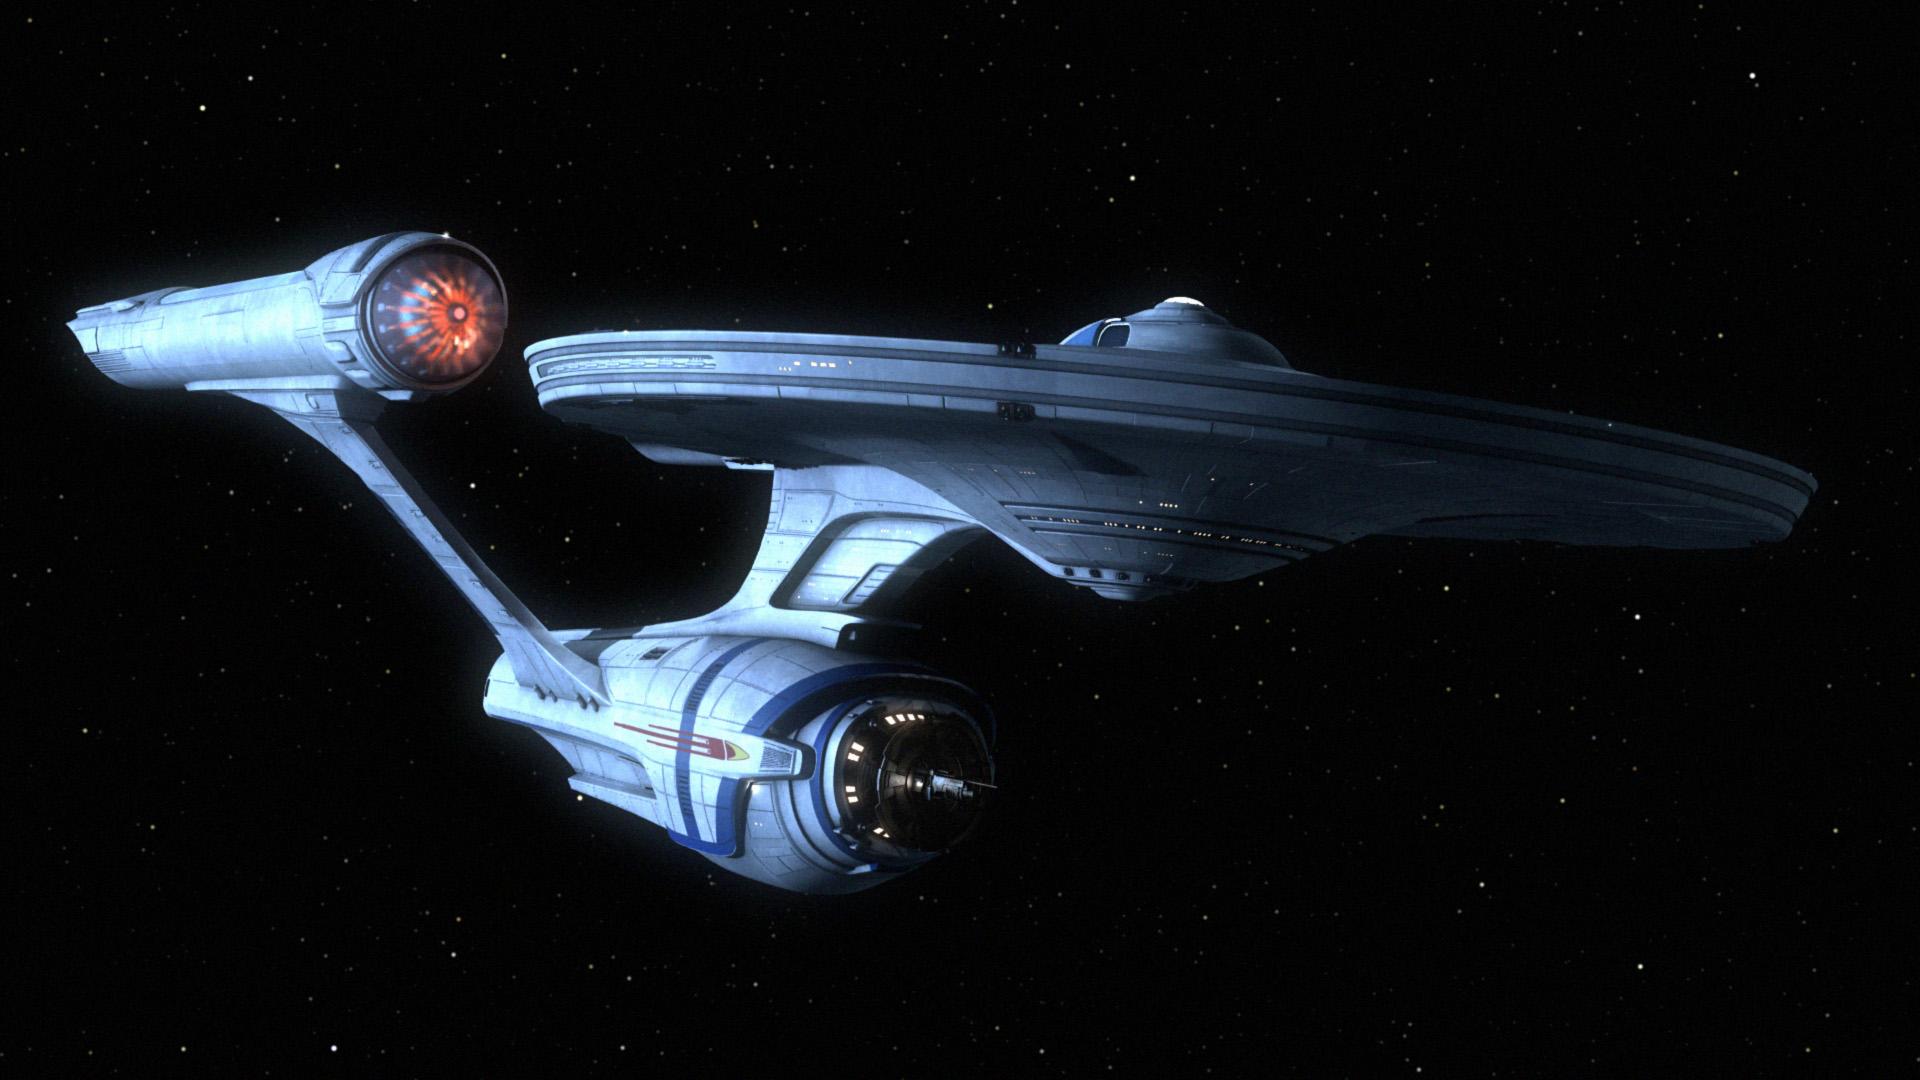 reimagined uss enterprise ncc - photo #18